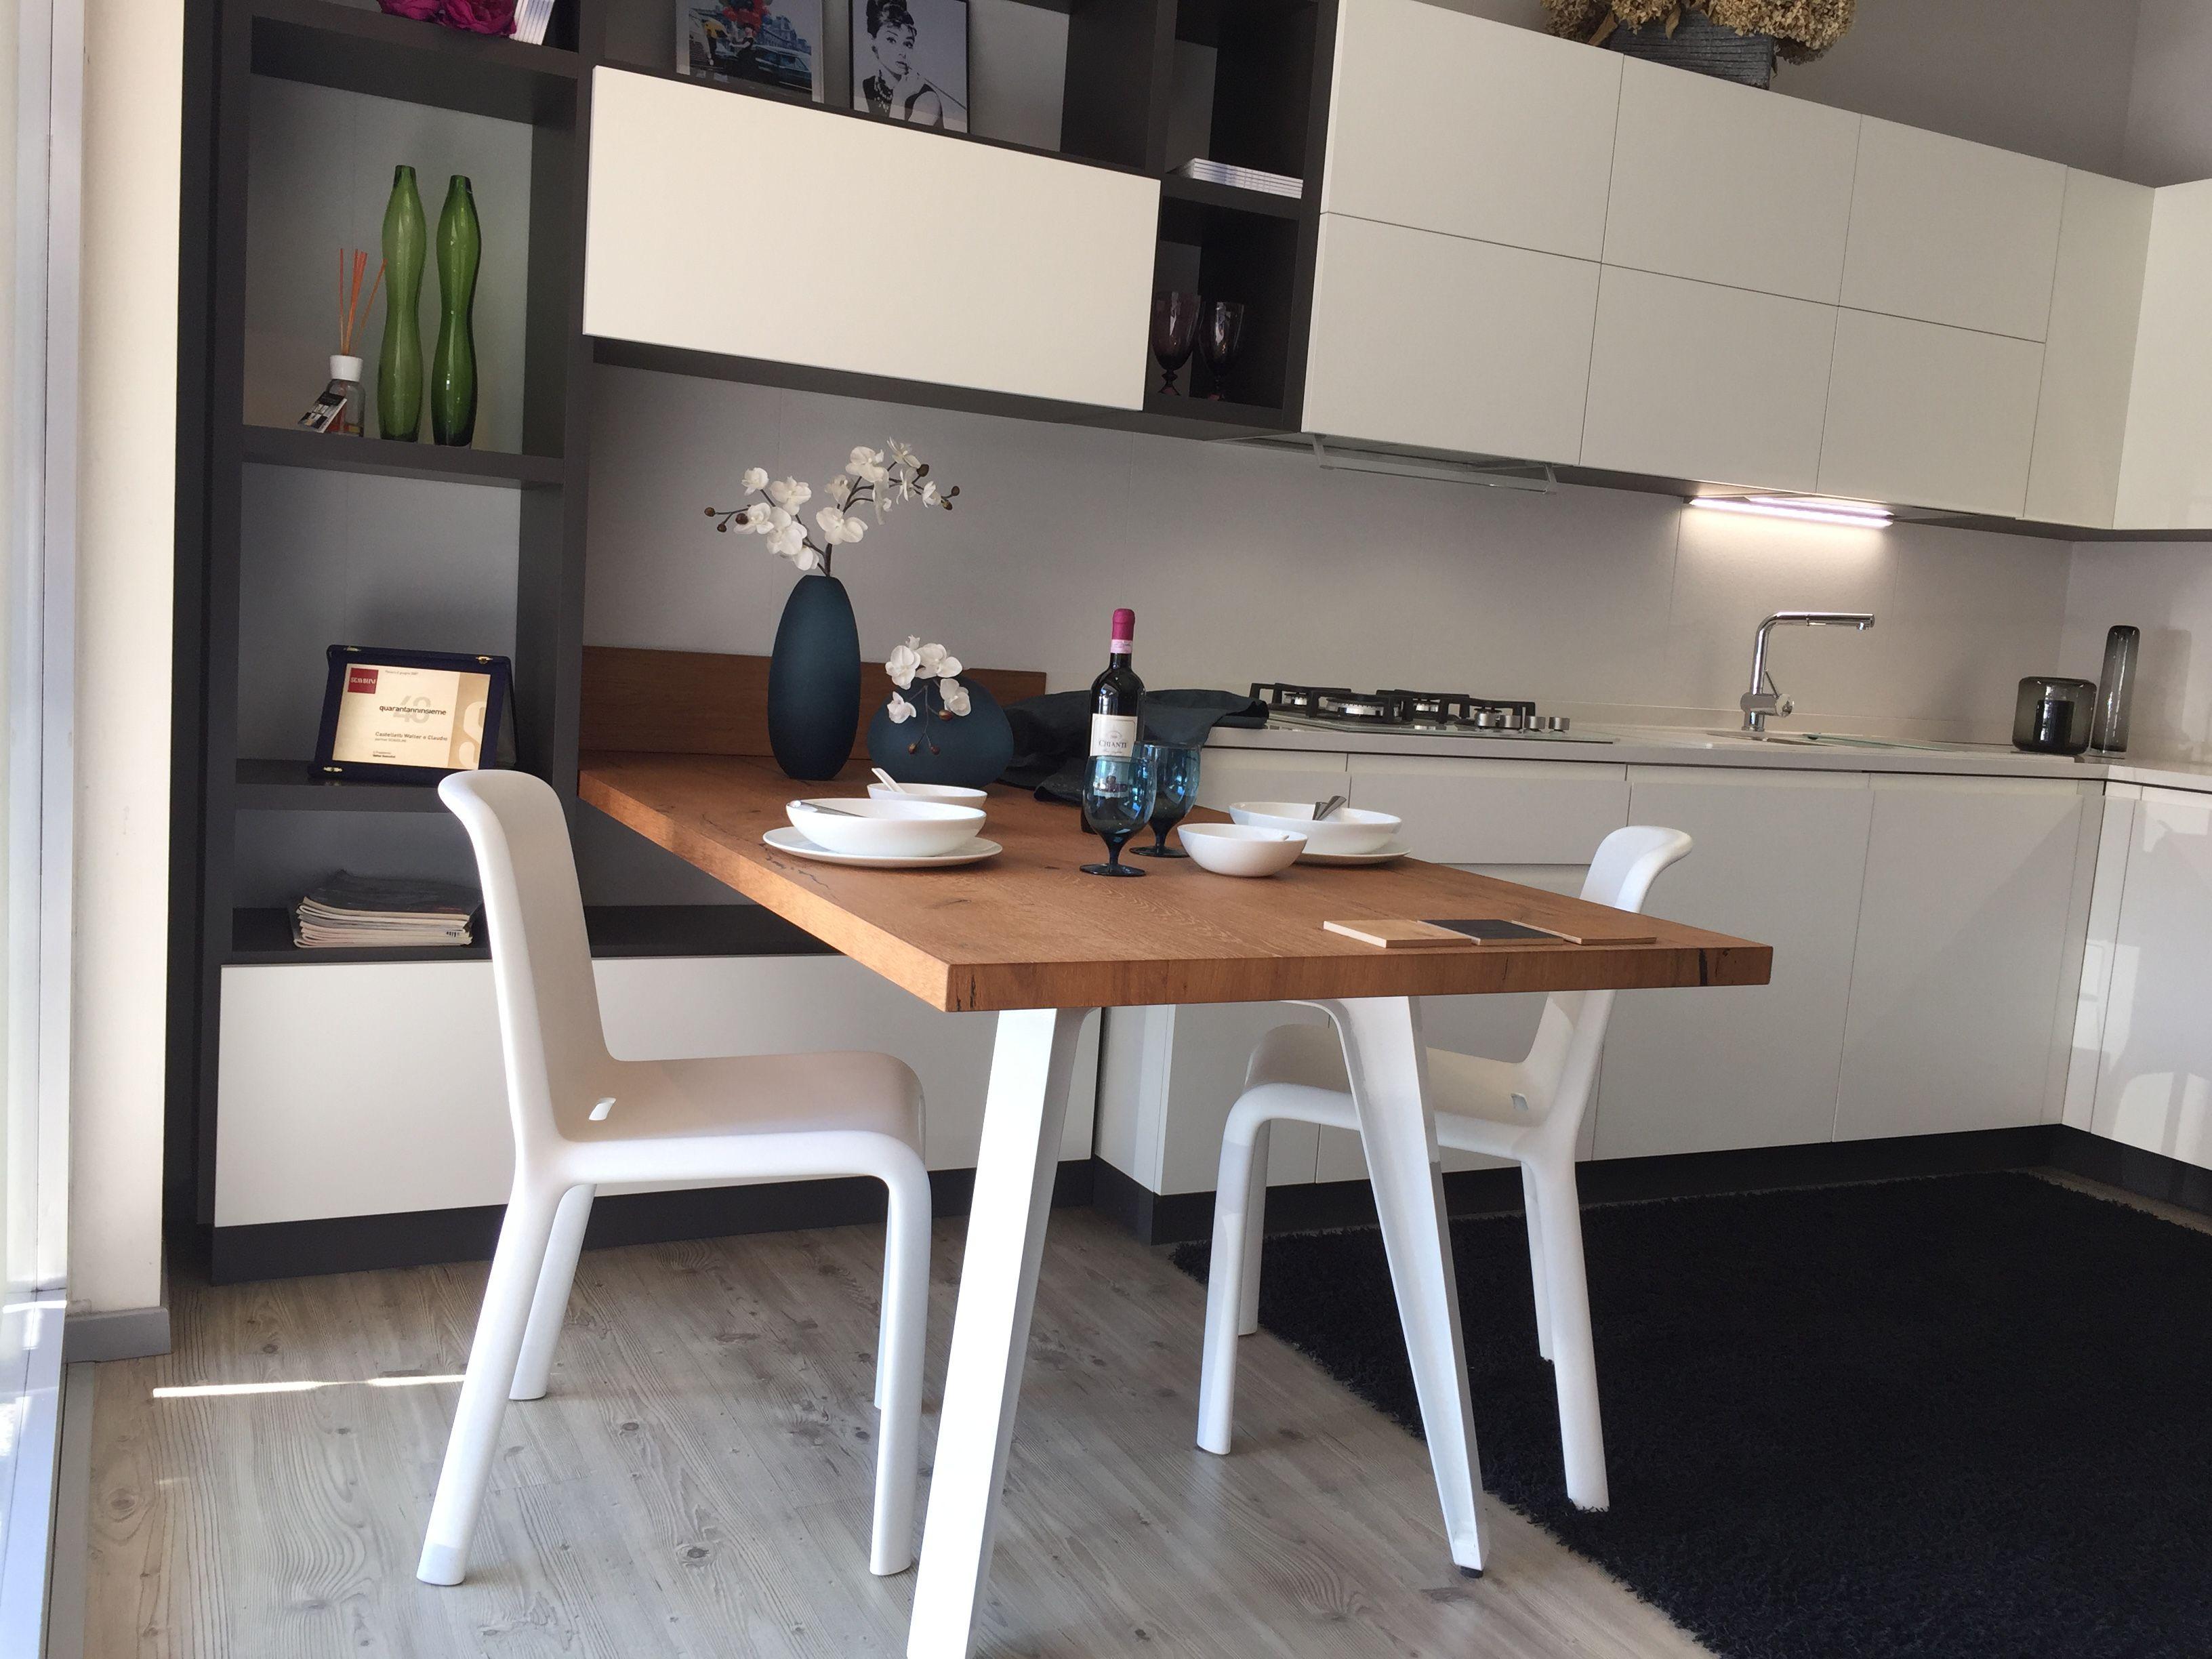 Tavoli Da Cucina Scavolini : Cucina #scavolini modello #motus: anta decorativo bianco puro